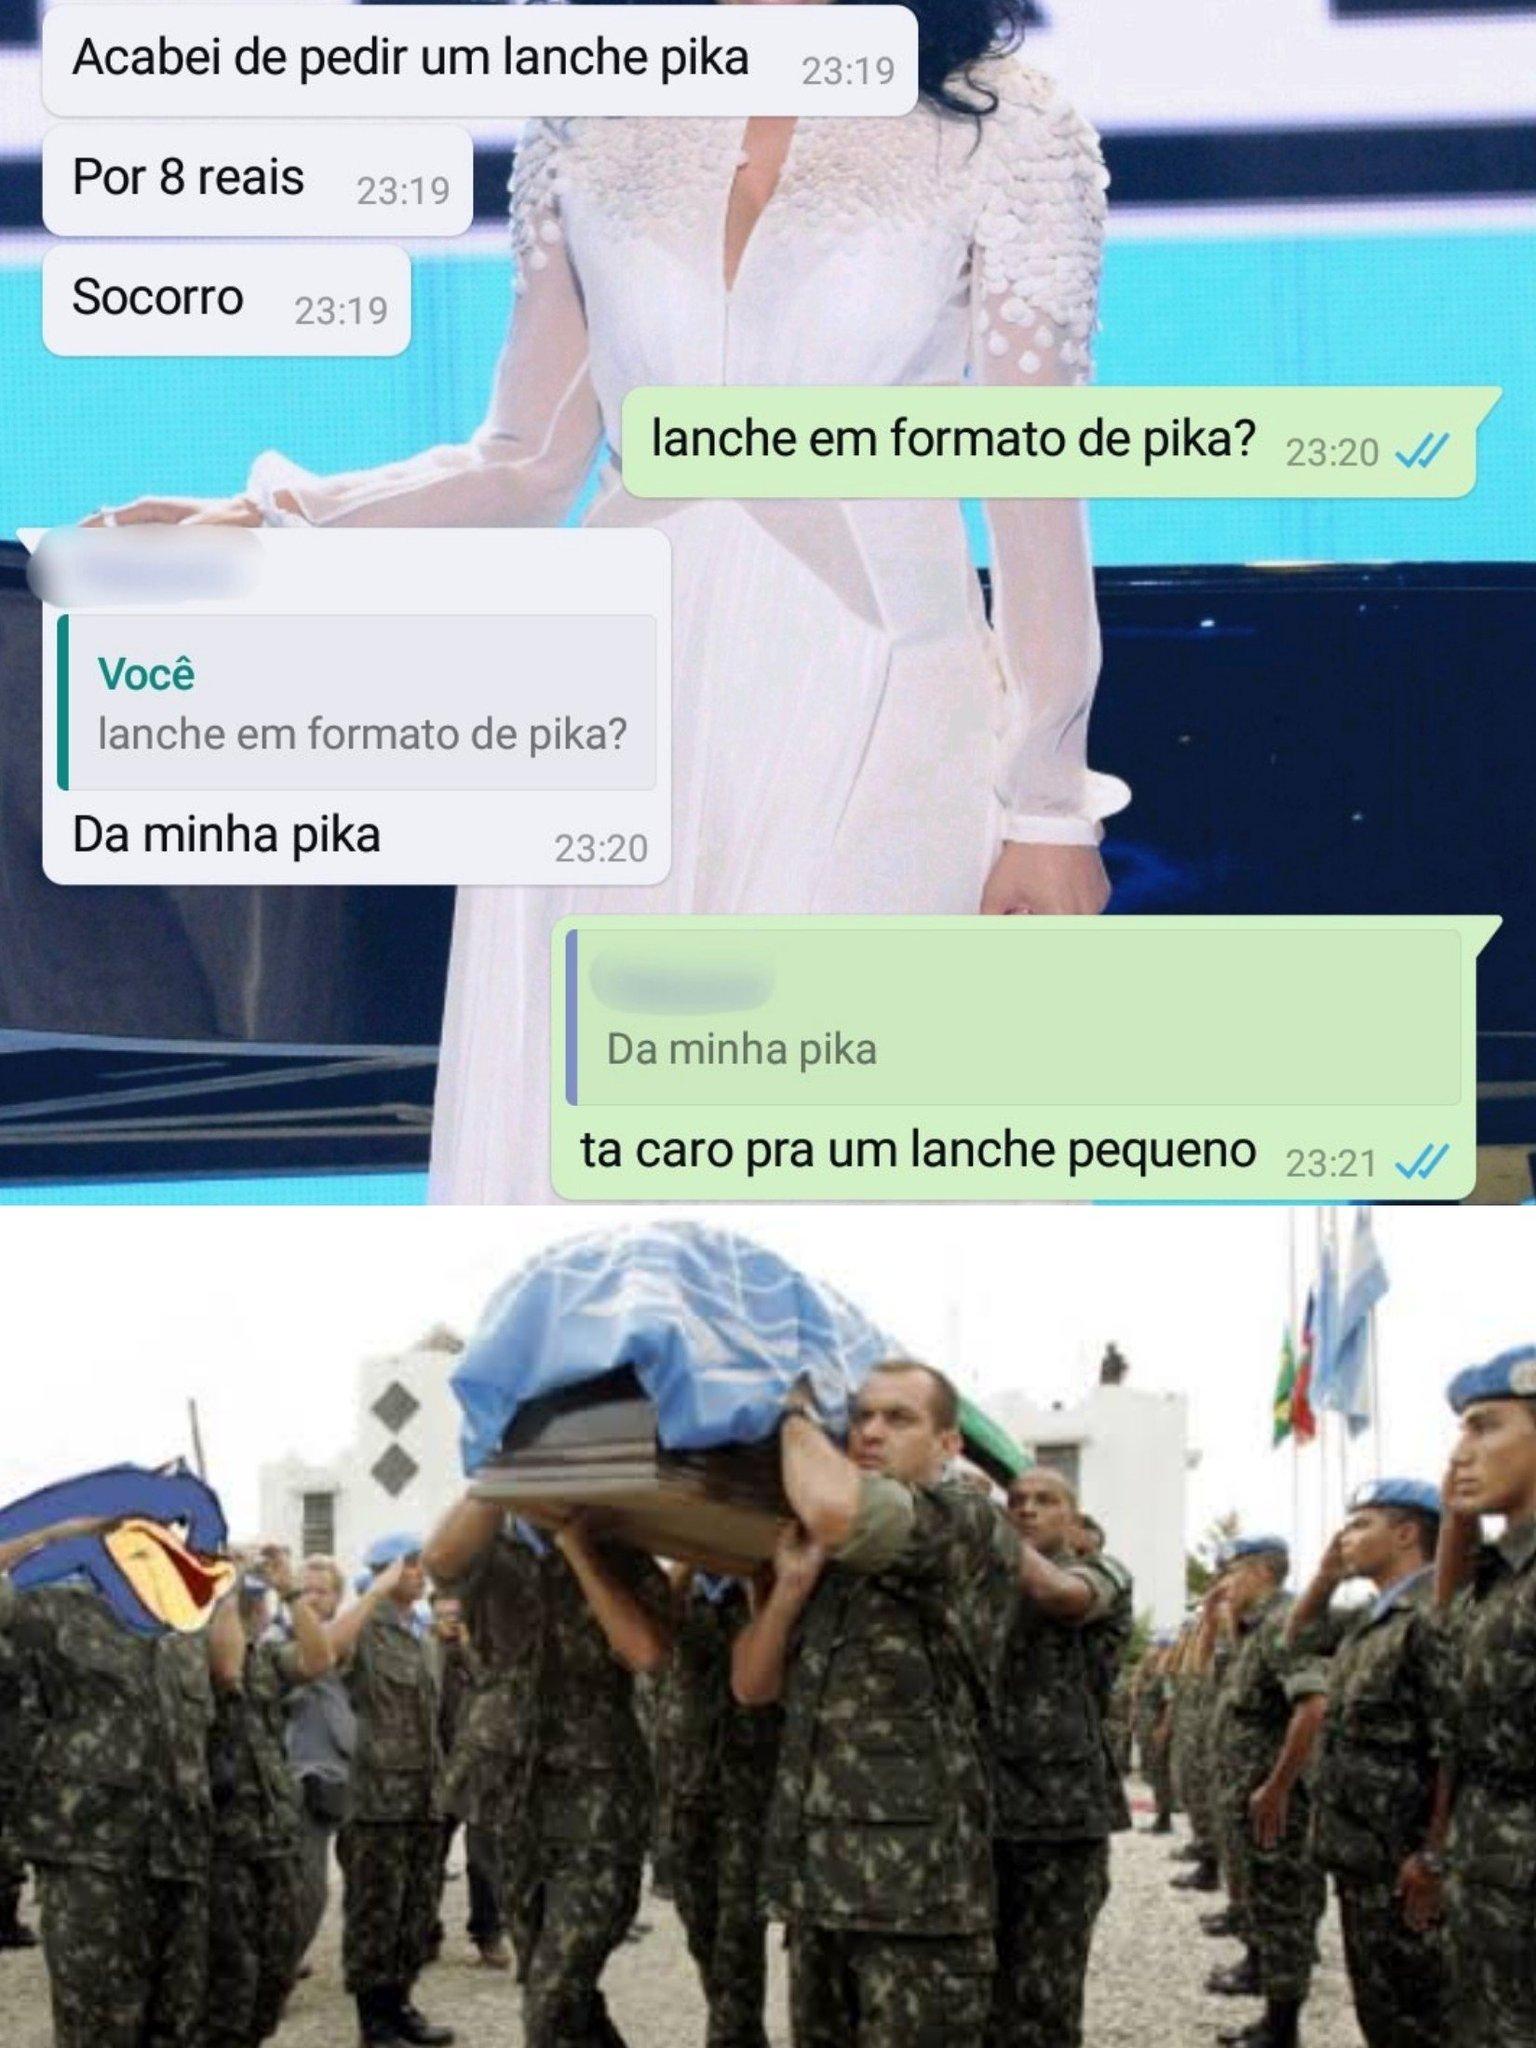 SOS: Soldado morreu na hora! - meme